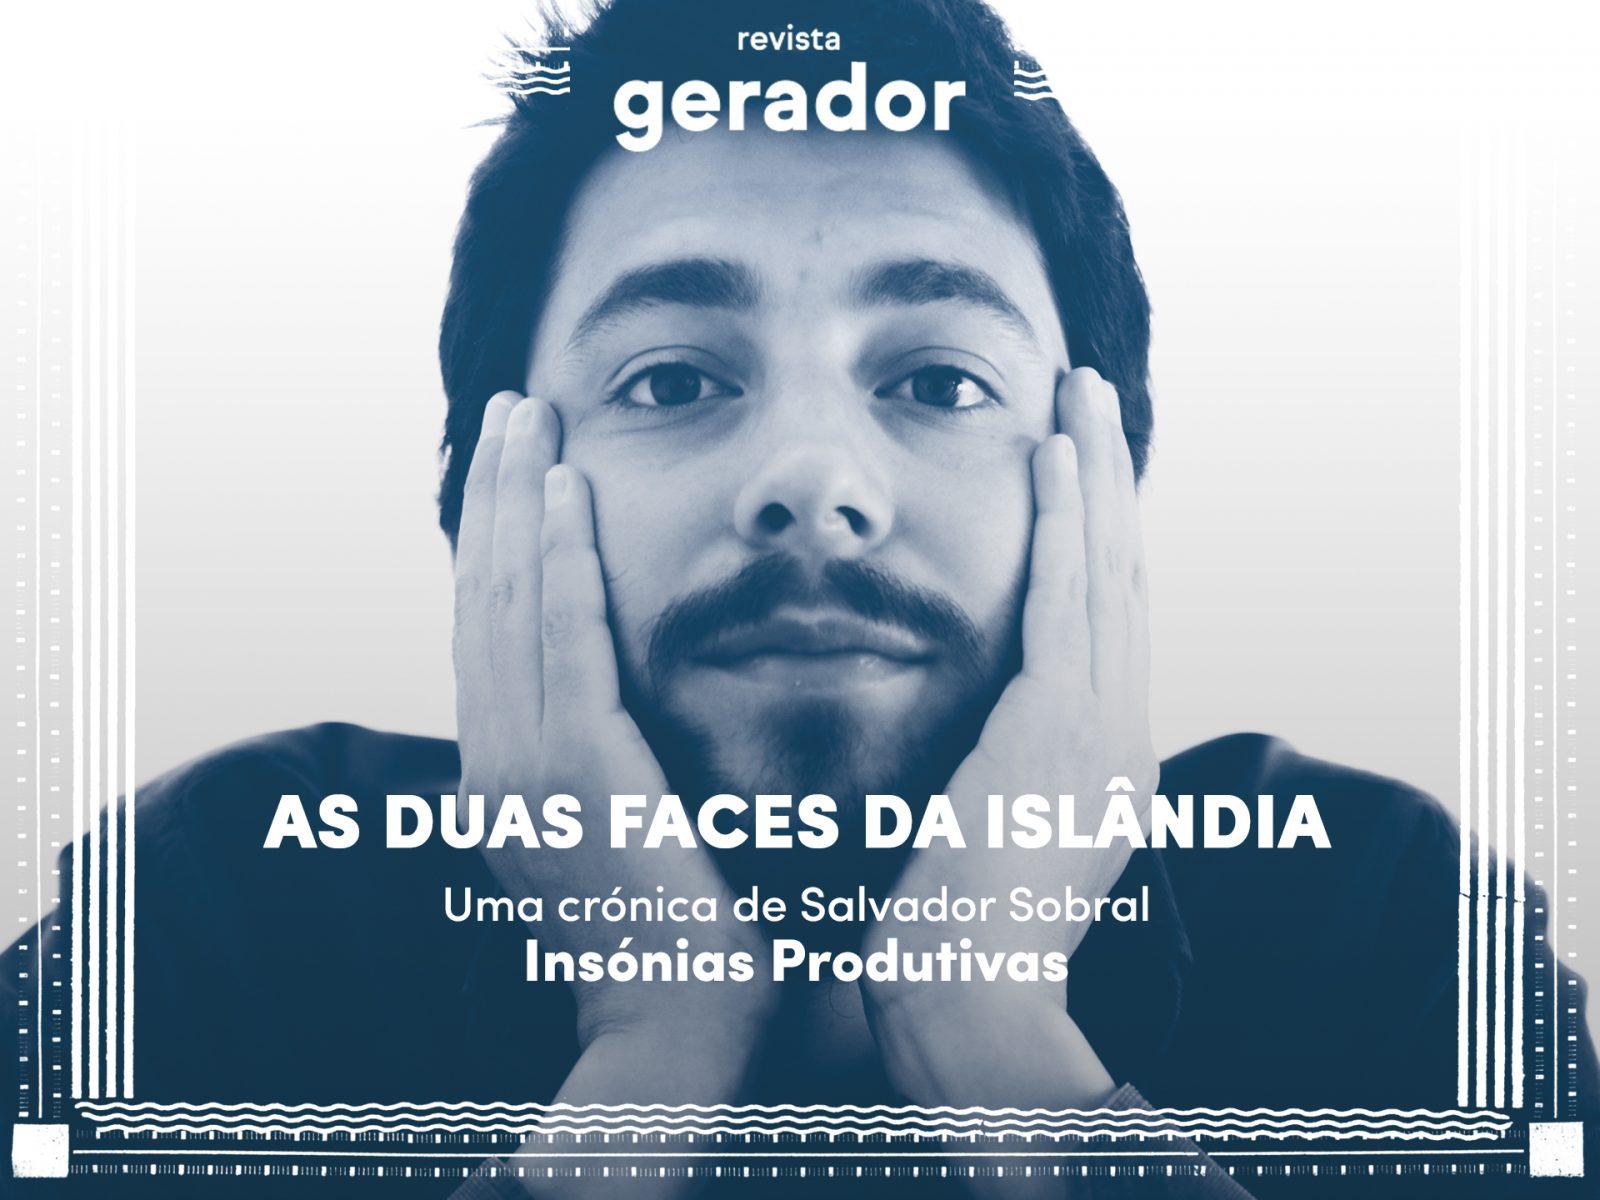 gerador-revista-insonias-produtivas-salvador-sobral-janeiro